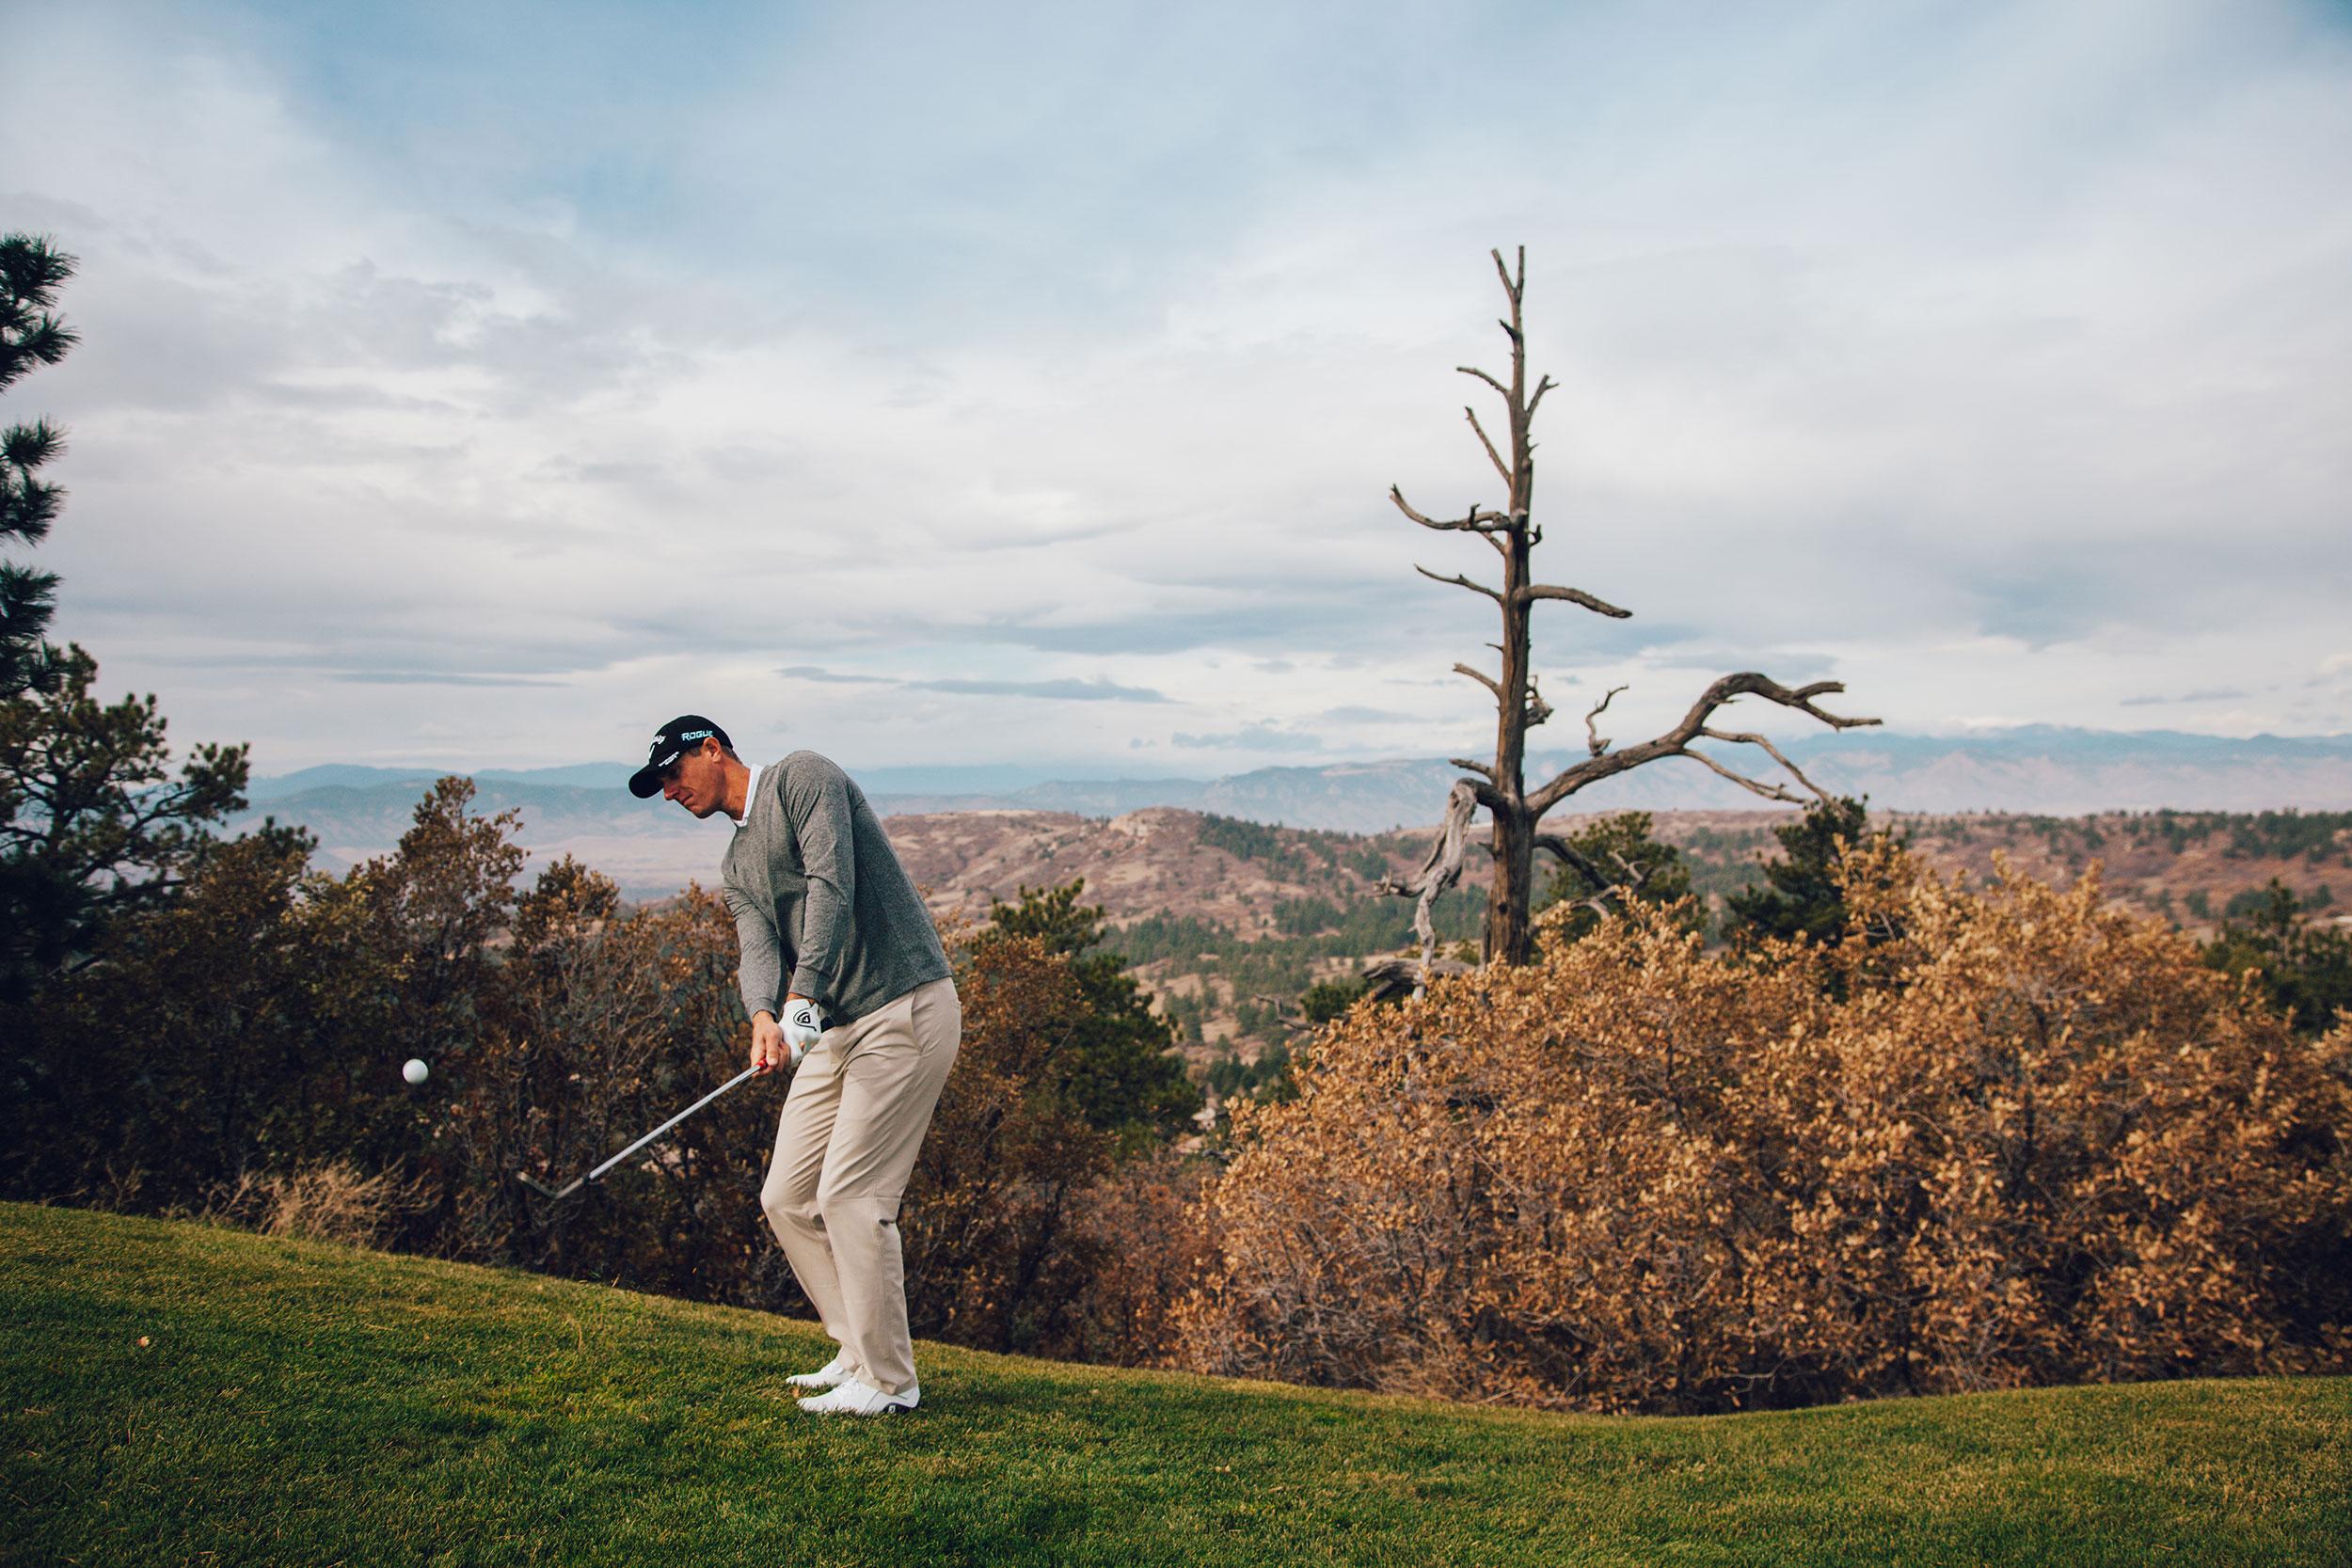 Dunning-Golf-Colorado-1.jpg